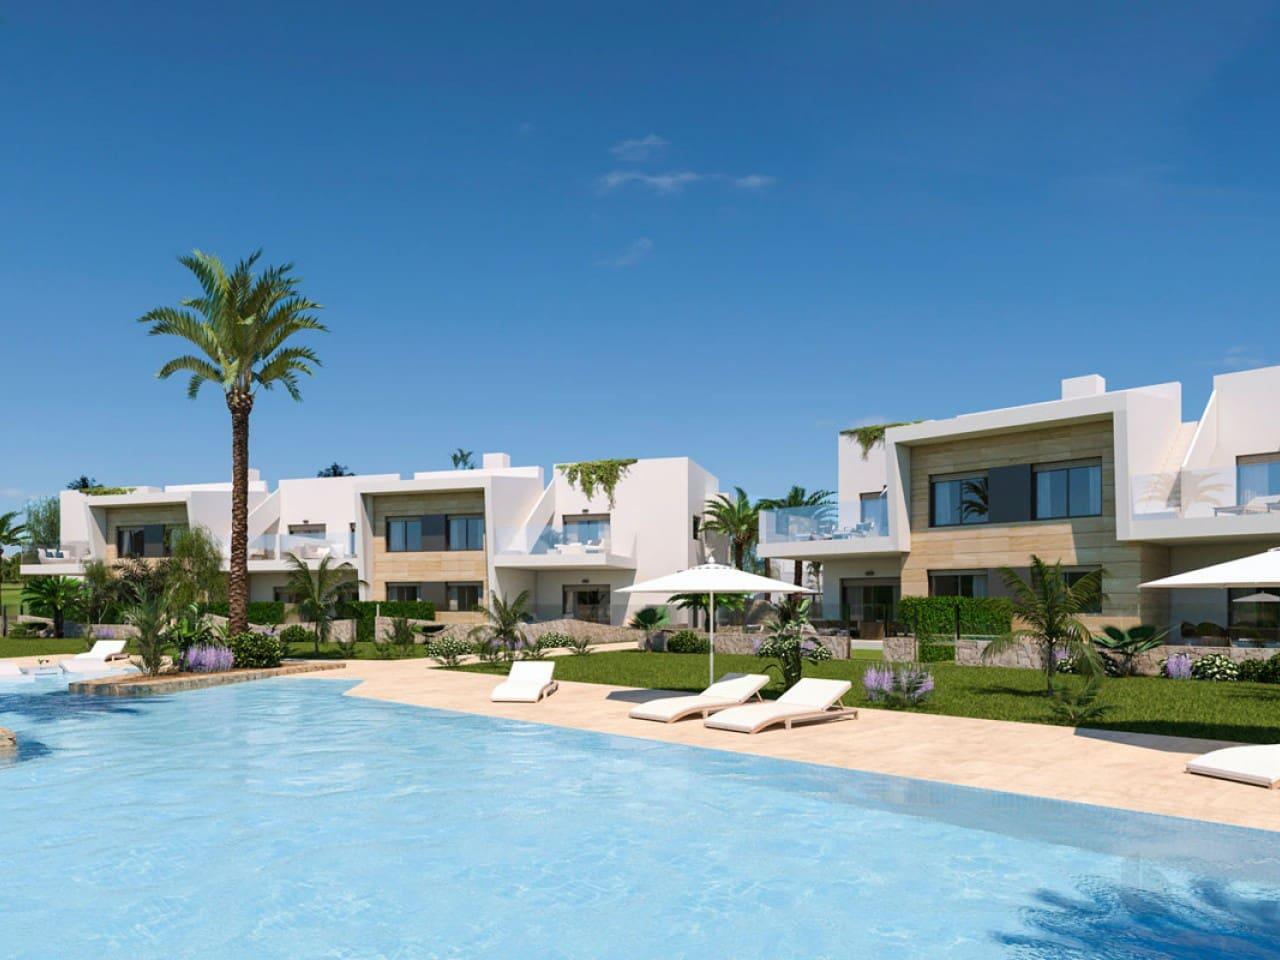 Adosado de 3 habitaciones en Pilar de la Horadada en venta con piscina - 189.900 € (Ref: 4982759)